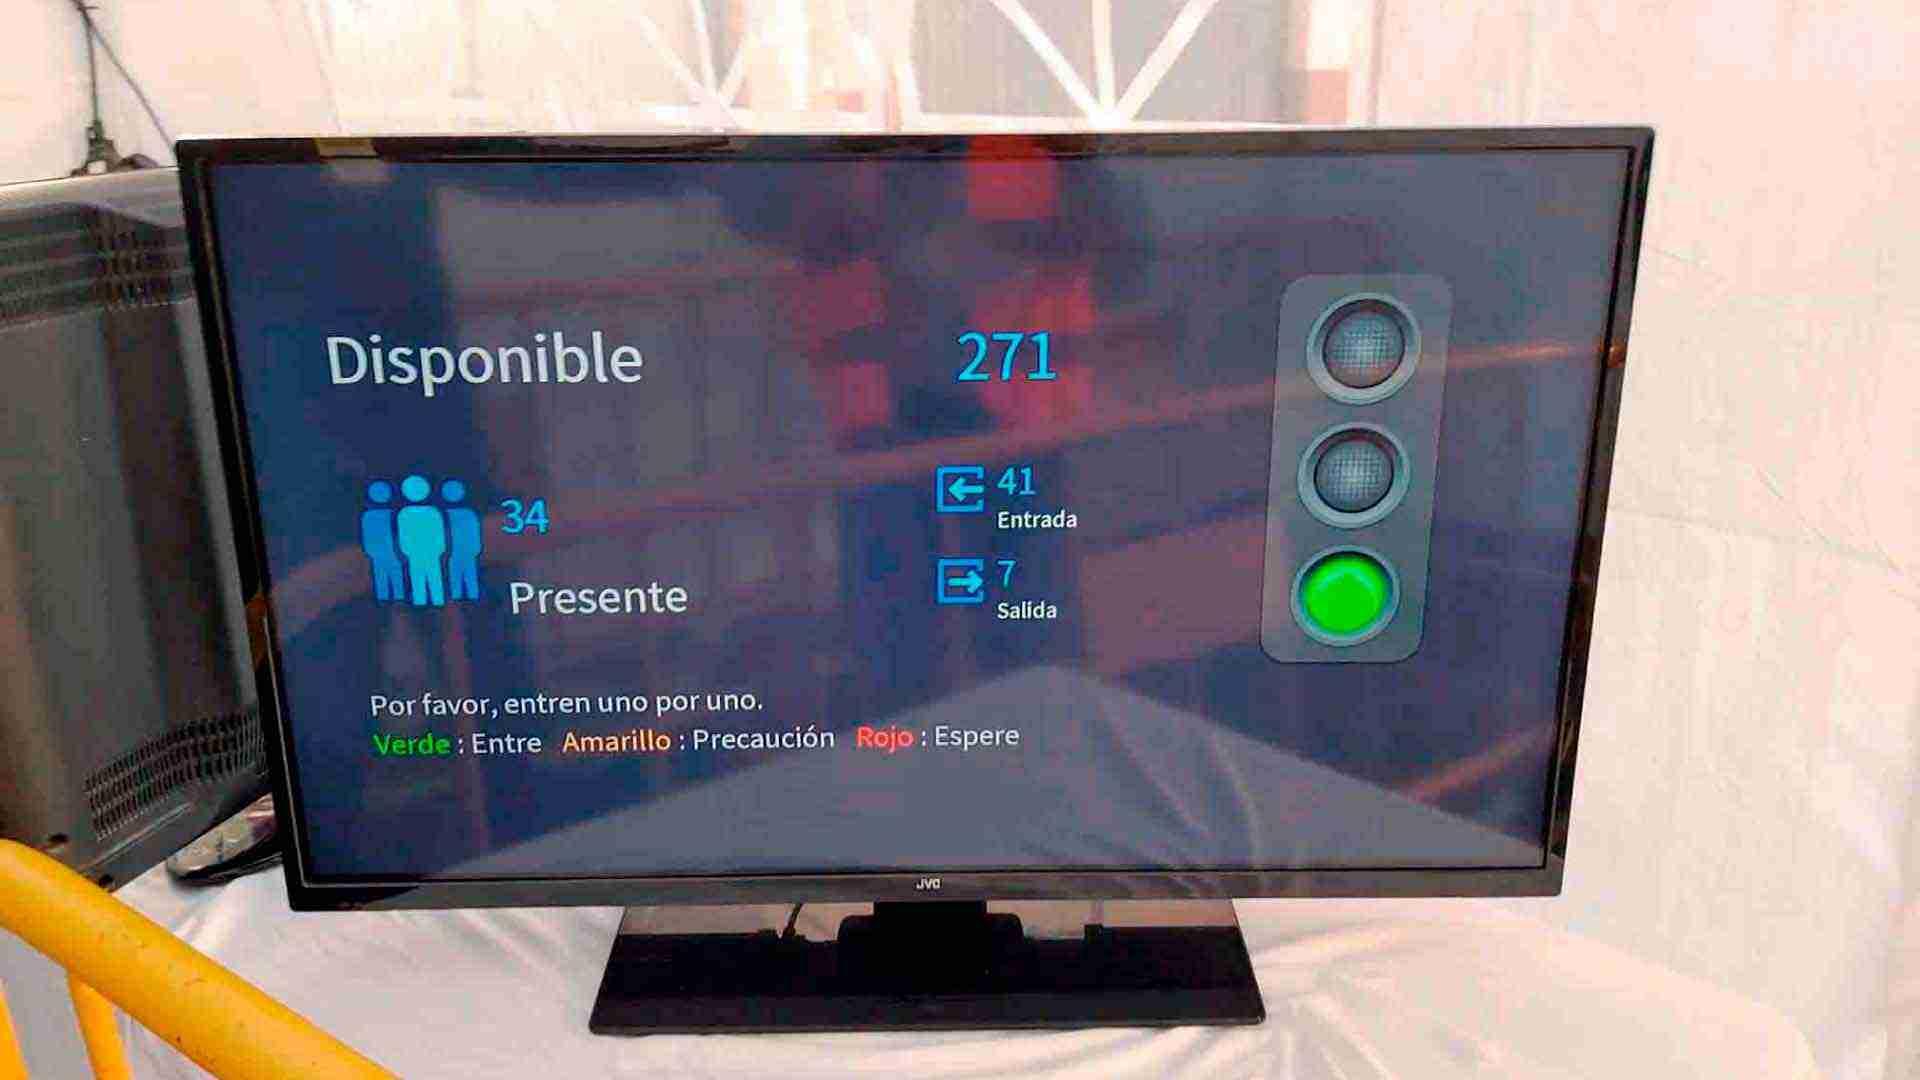 pantalla-control-de-aforo-y-conteo-de-personas